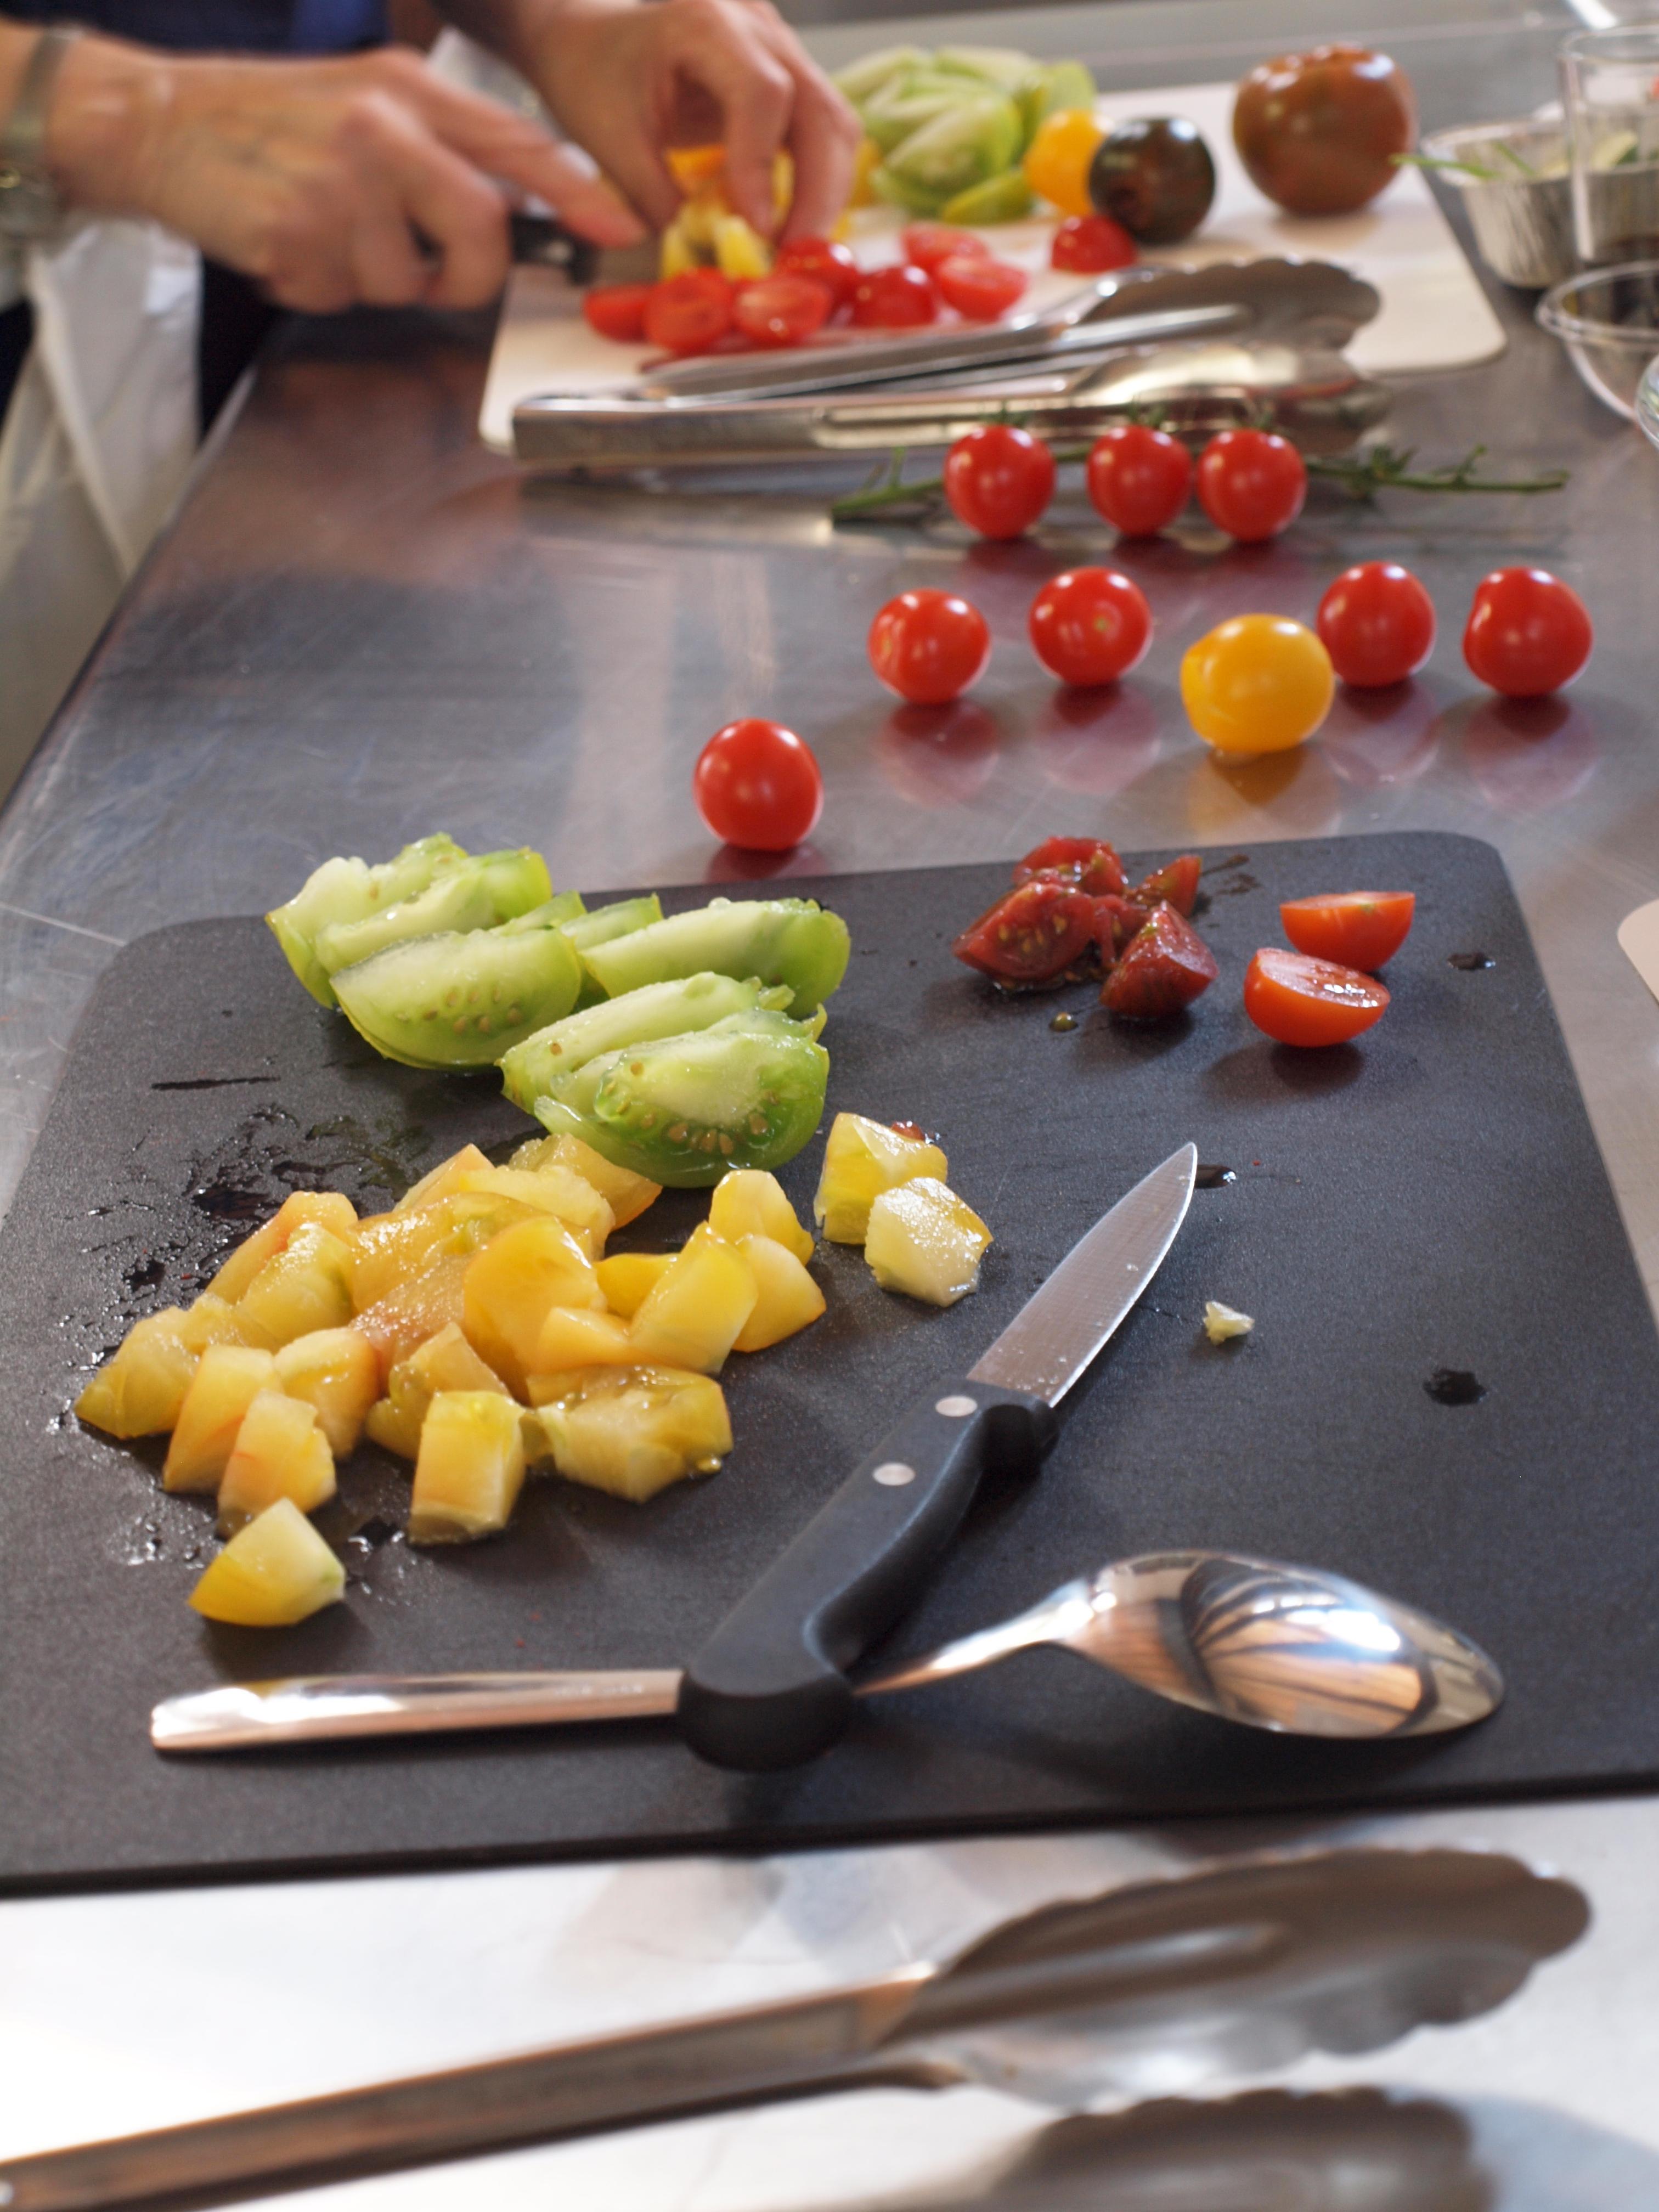 V nement culinaire cours de cuisine kitchen studio - Cours de cuisine clermont ...